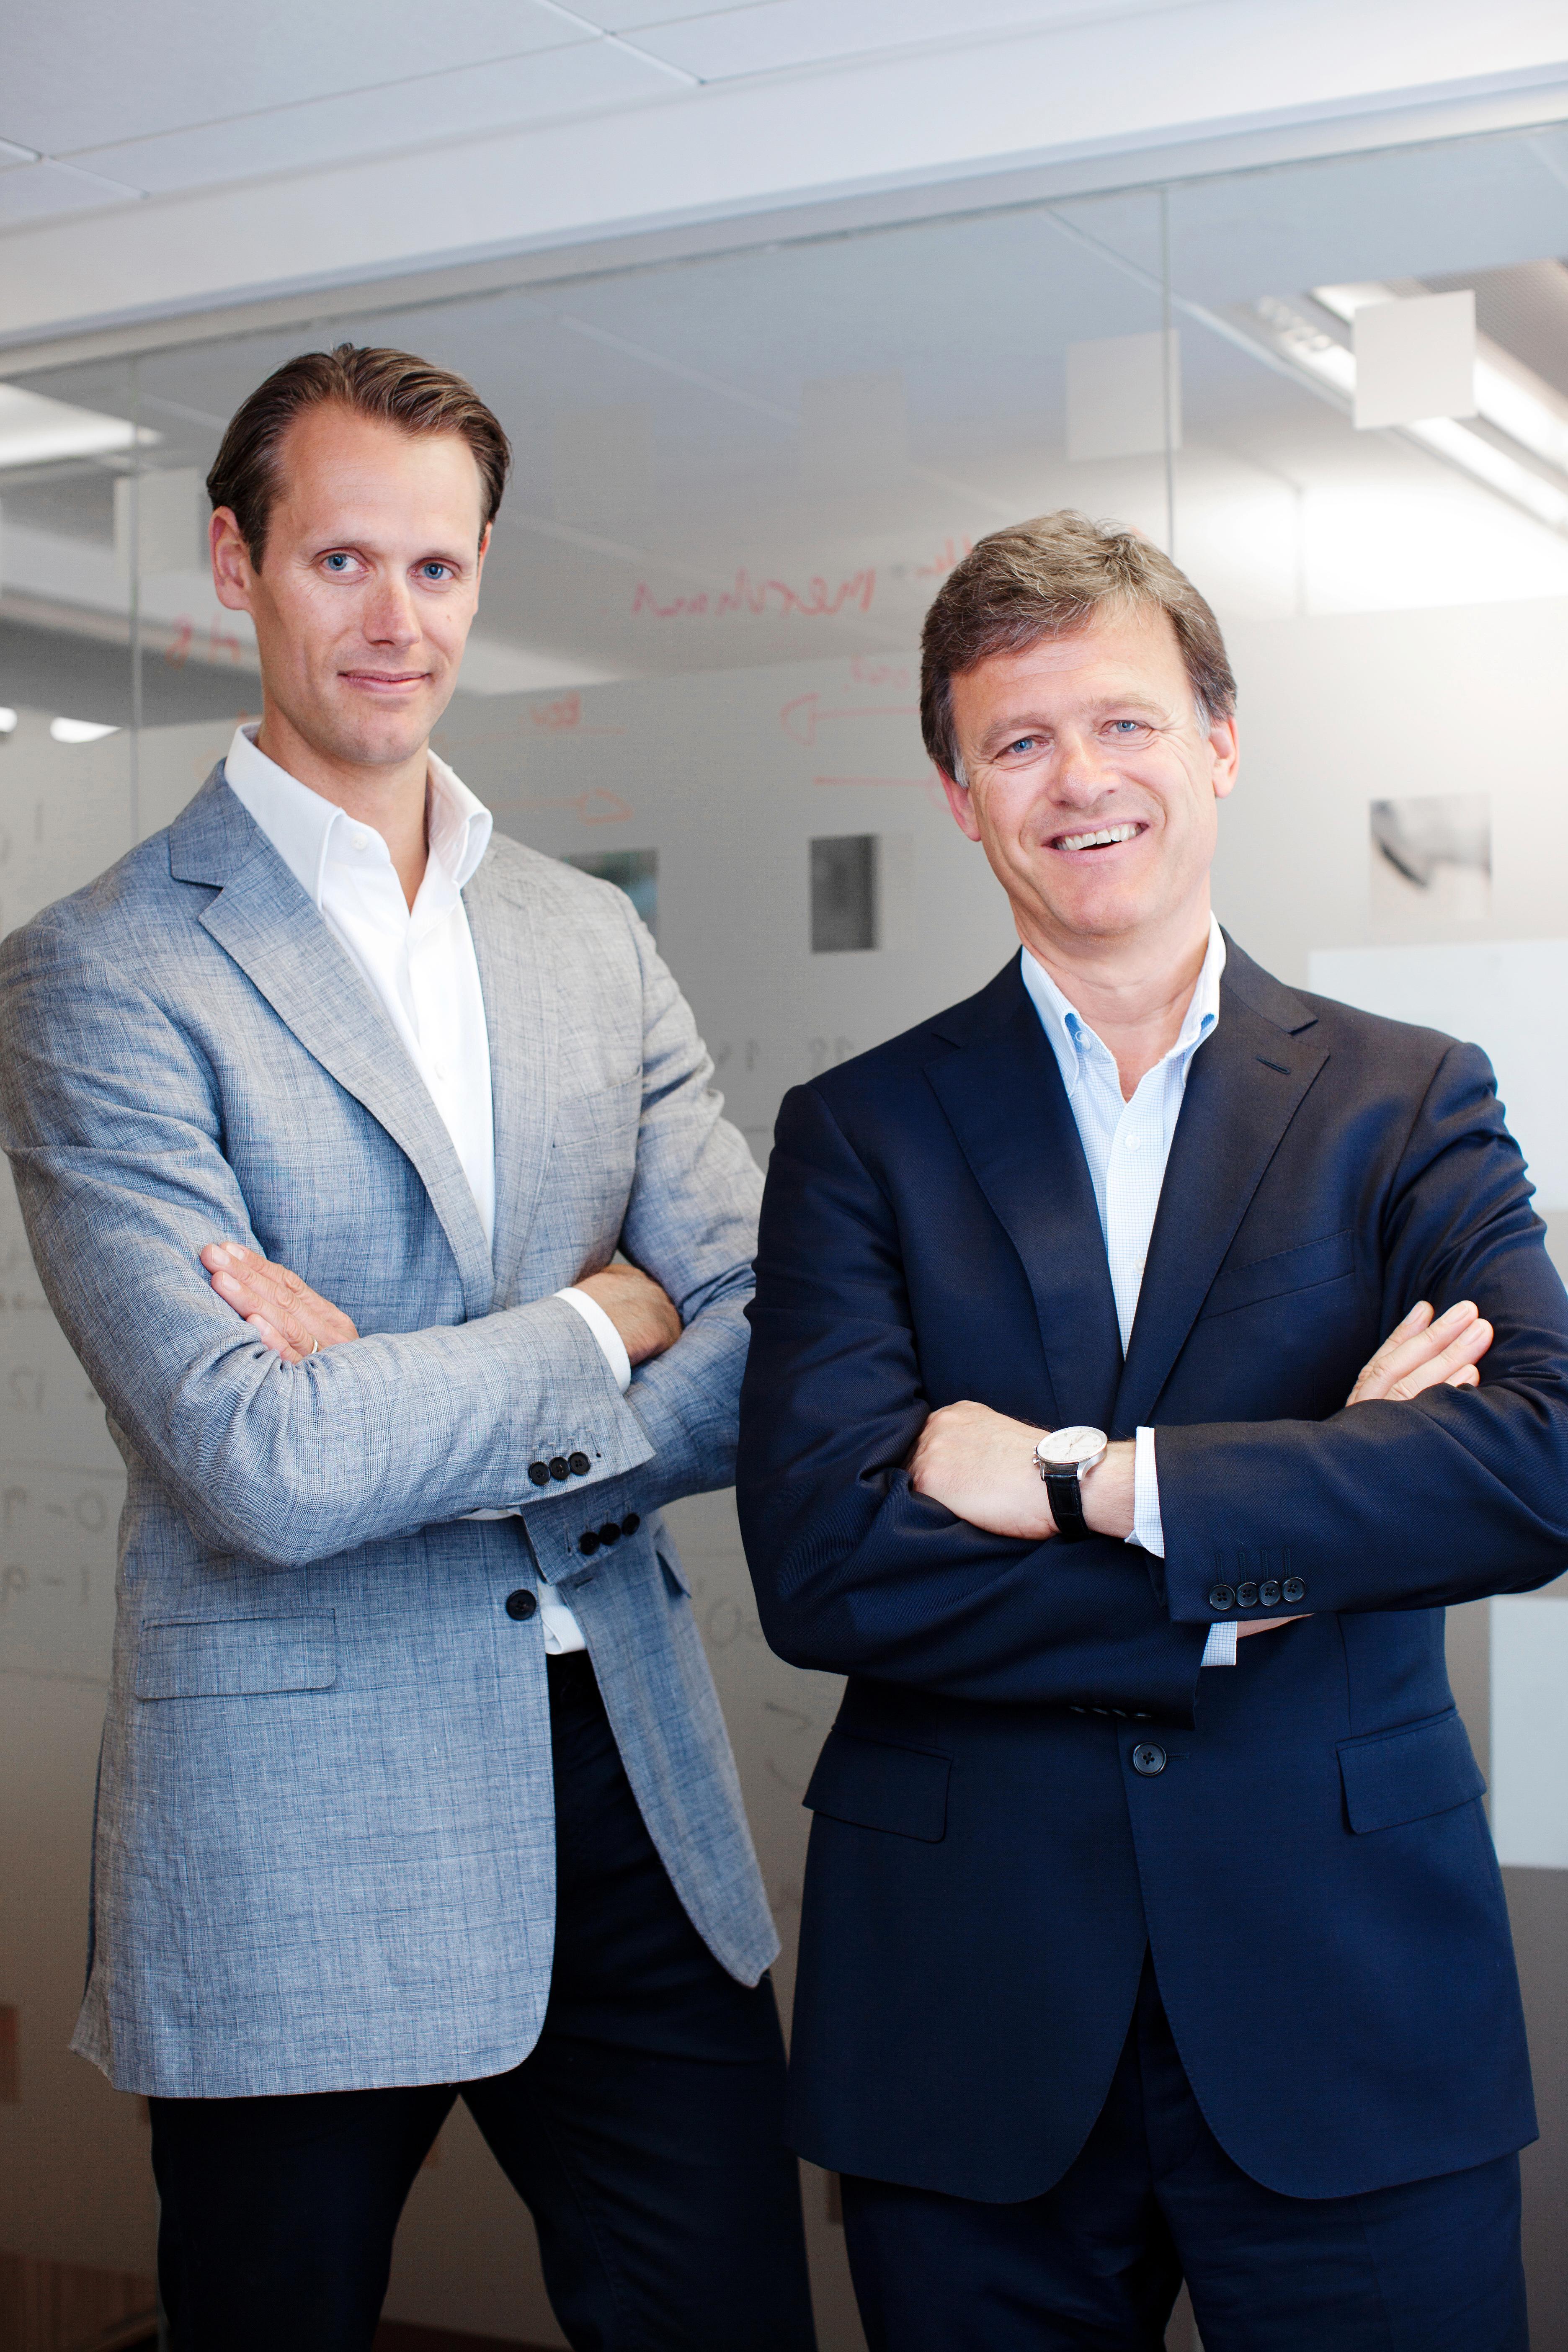 Jacob de Geer og Magnus Nilsson, grunnleggerne av det svenske mobilbetalingsselskapet iZettle.Foto: iZettle